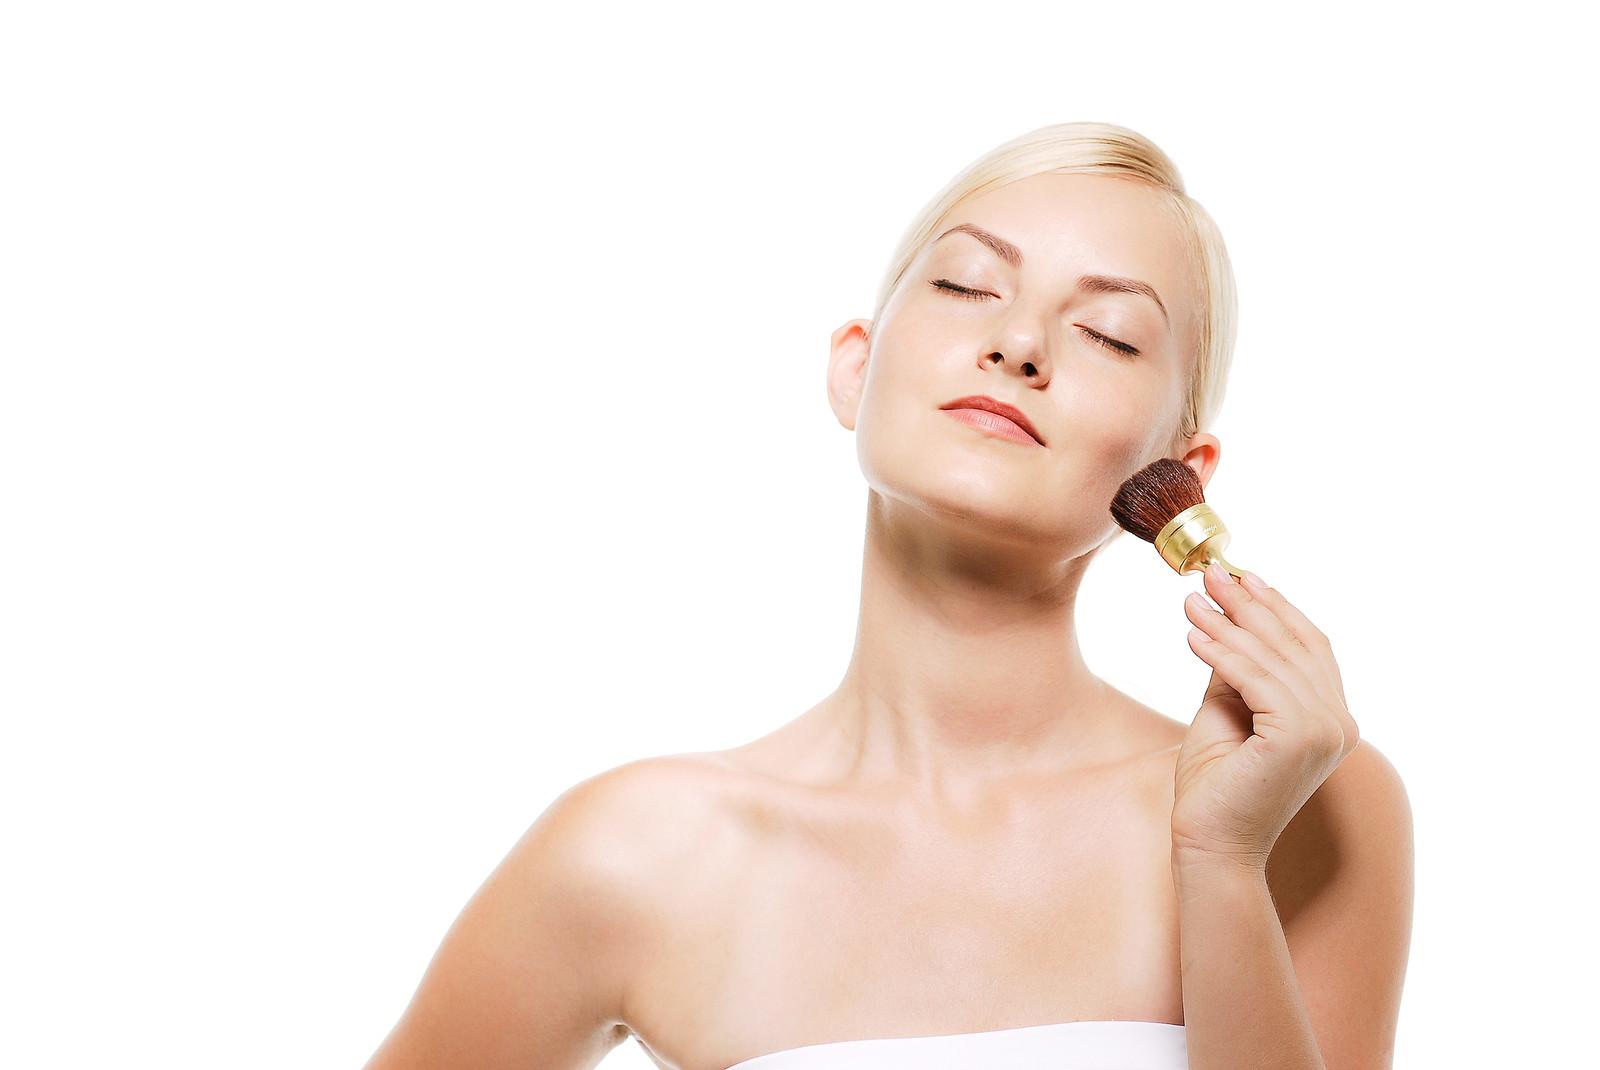 顔の肌質がどの肌か調べる方法4選!(乾燥肌、インナードライ肌、オイリー肌、正常肌)